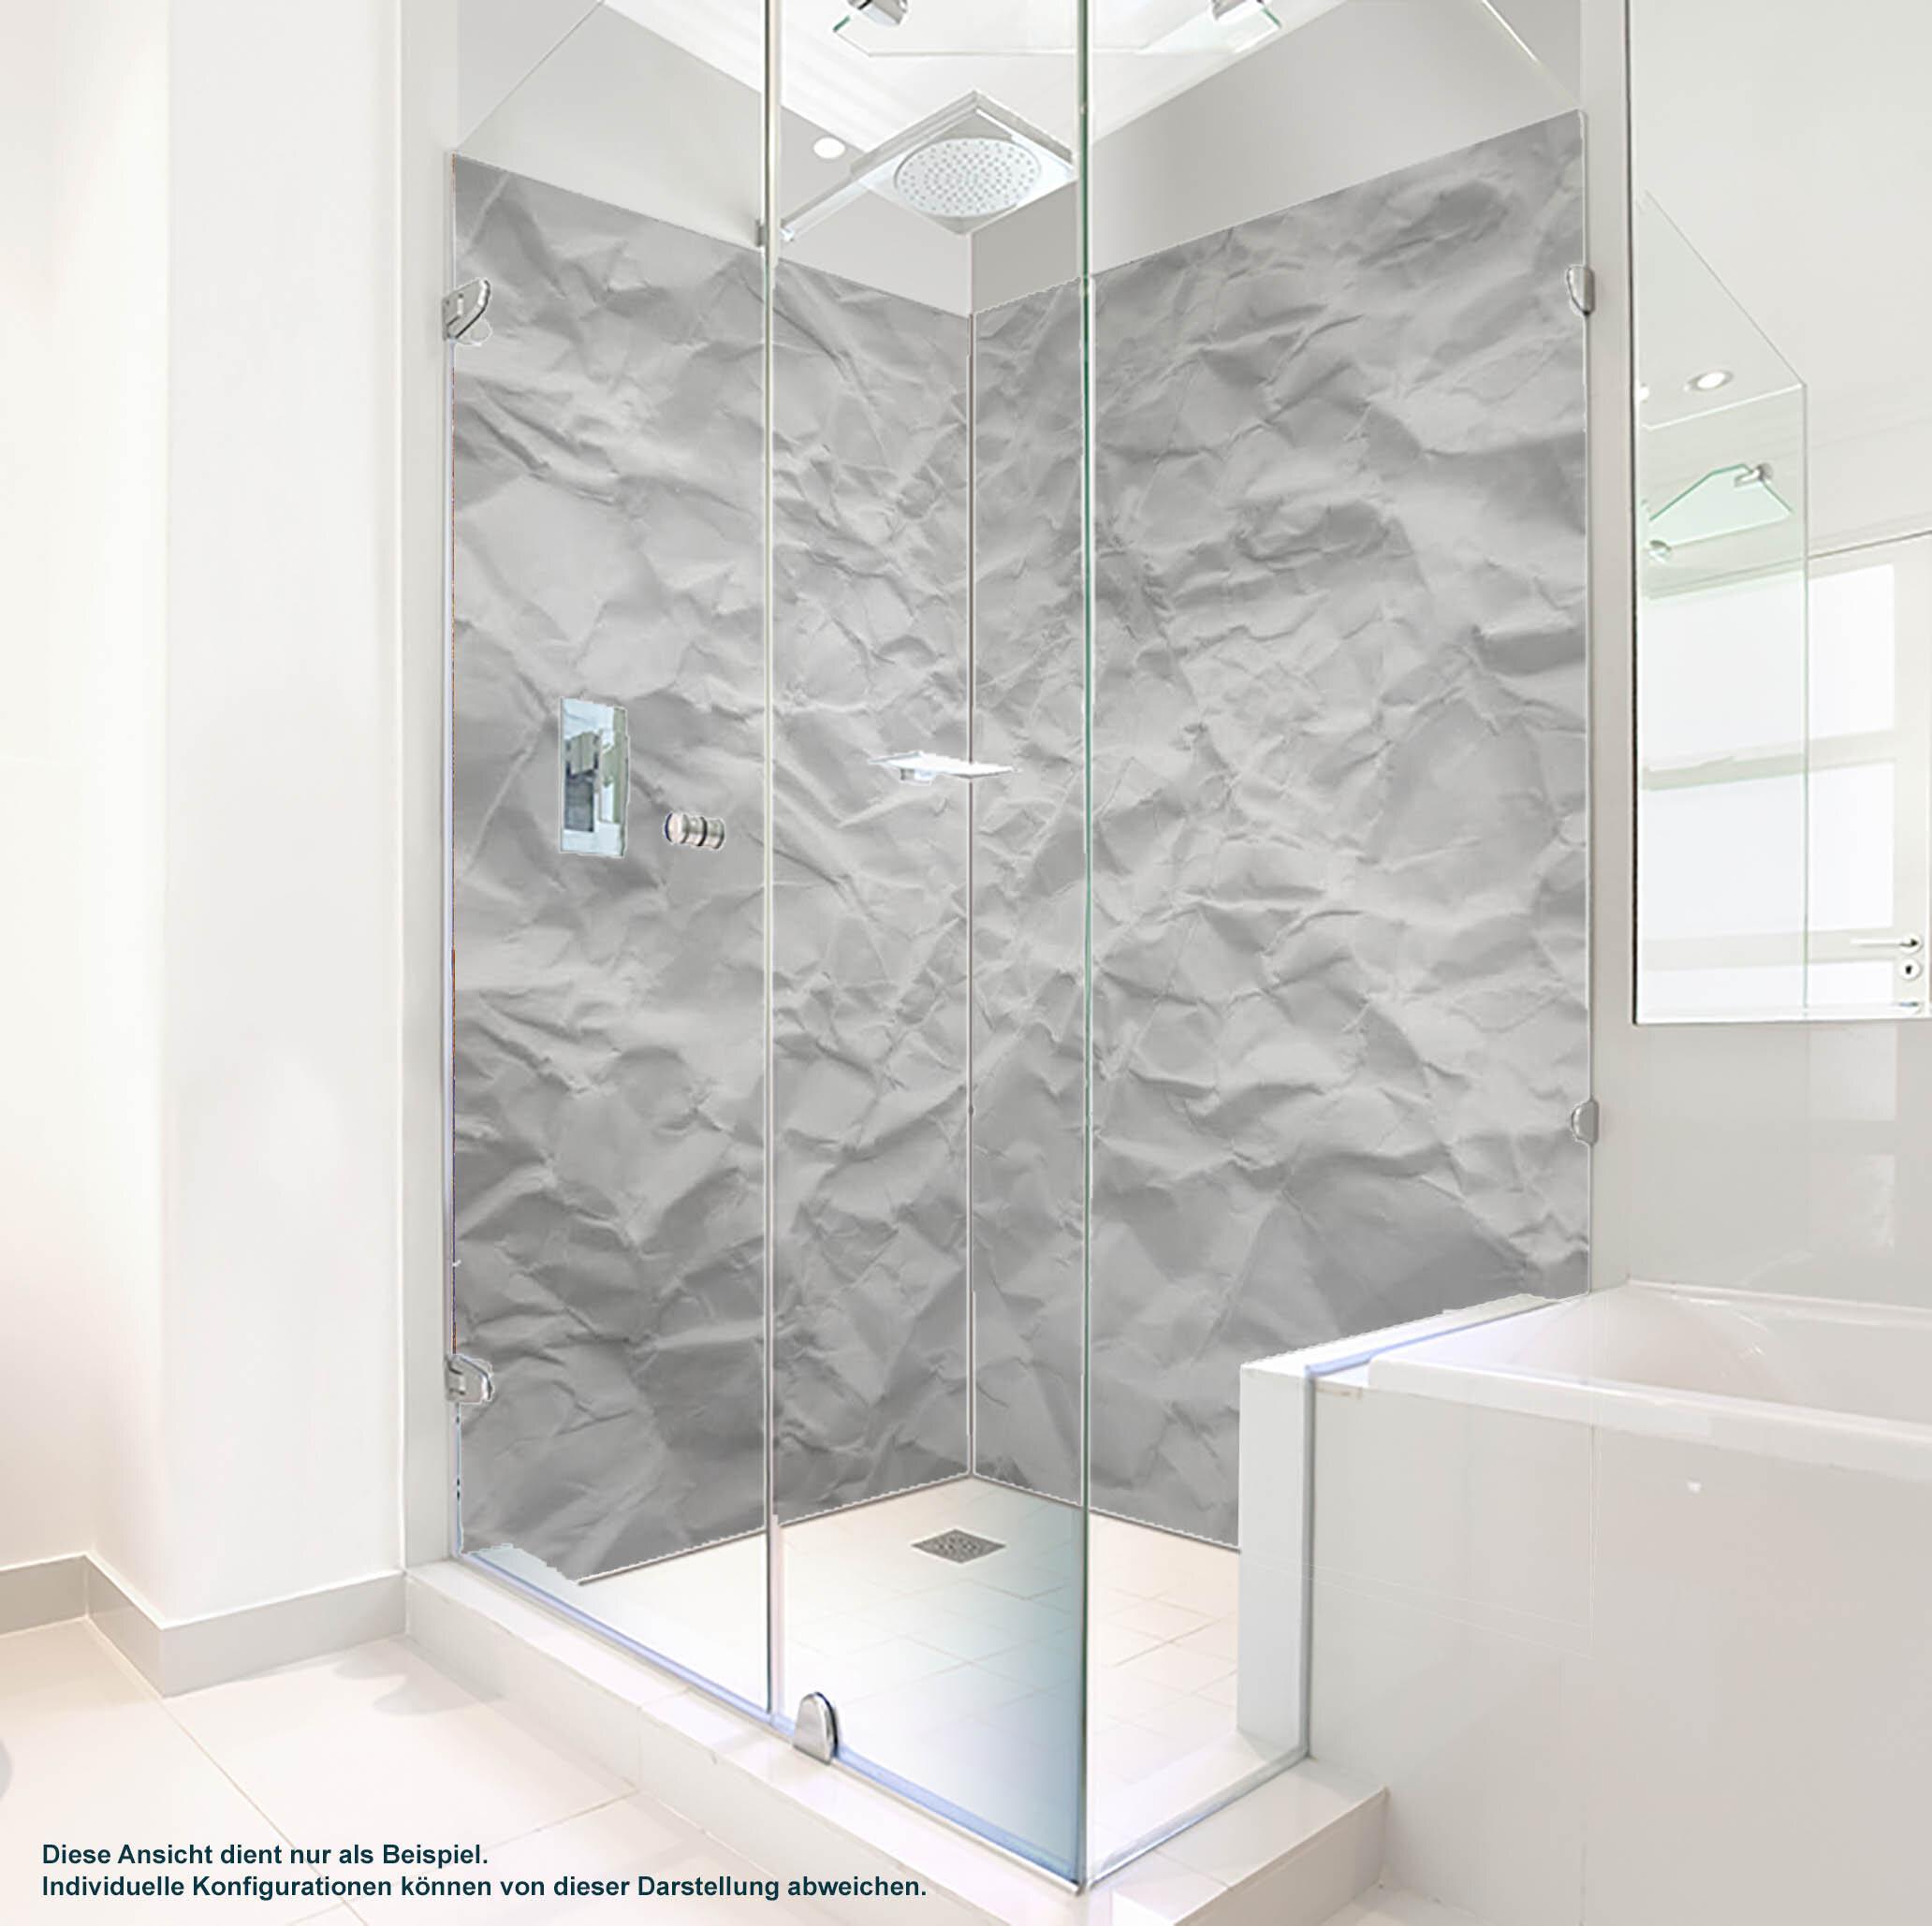 Dusche PlateART Duschrückwand mit Motiv Papier